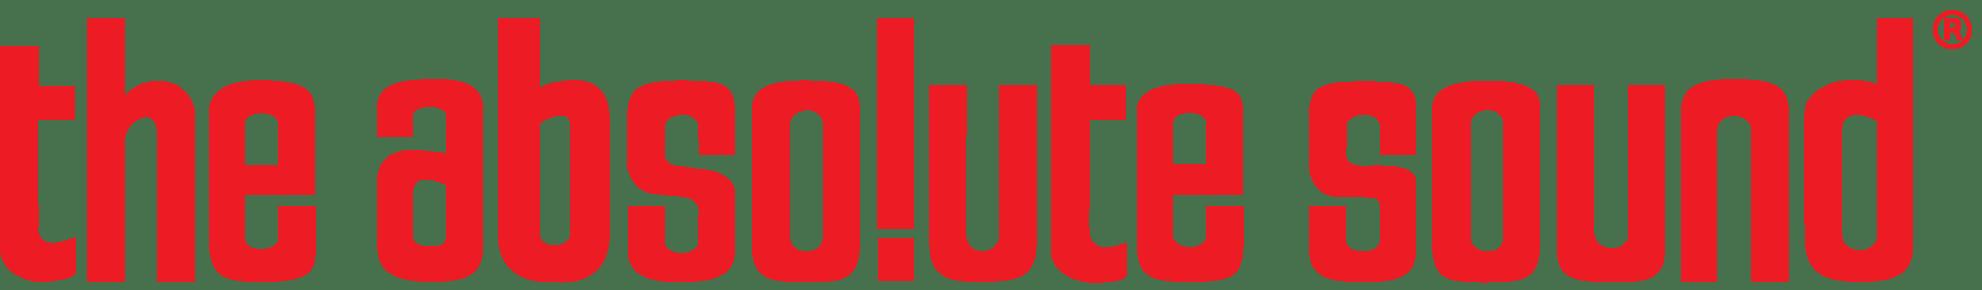 TAS_Logo RED